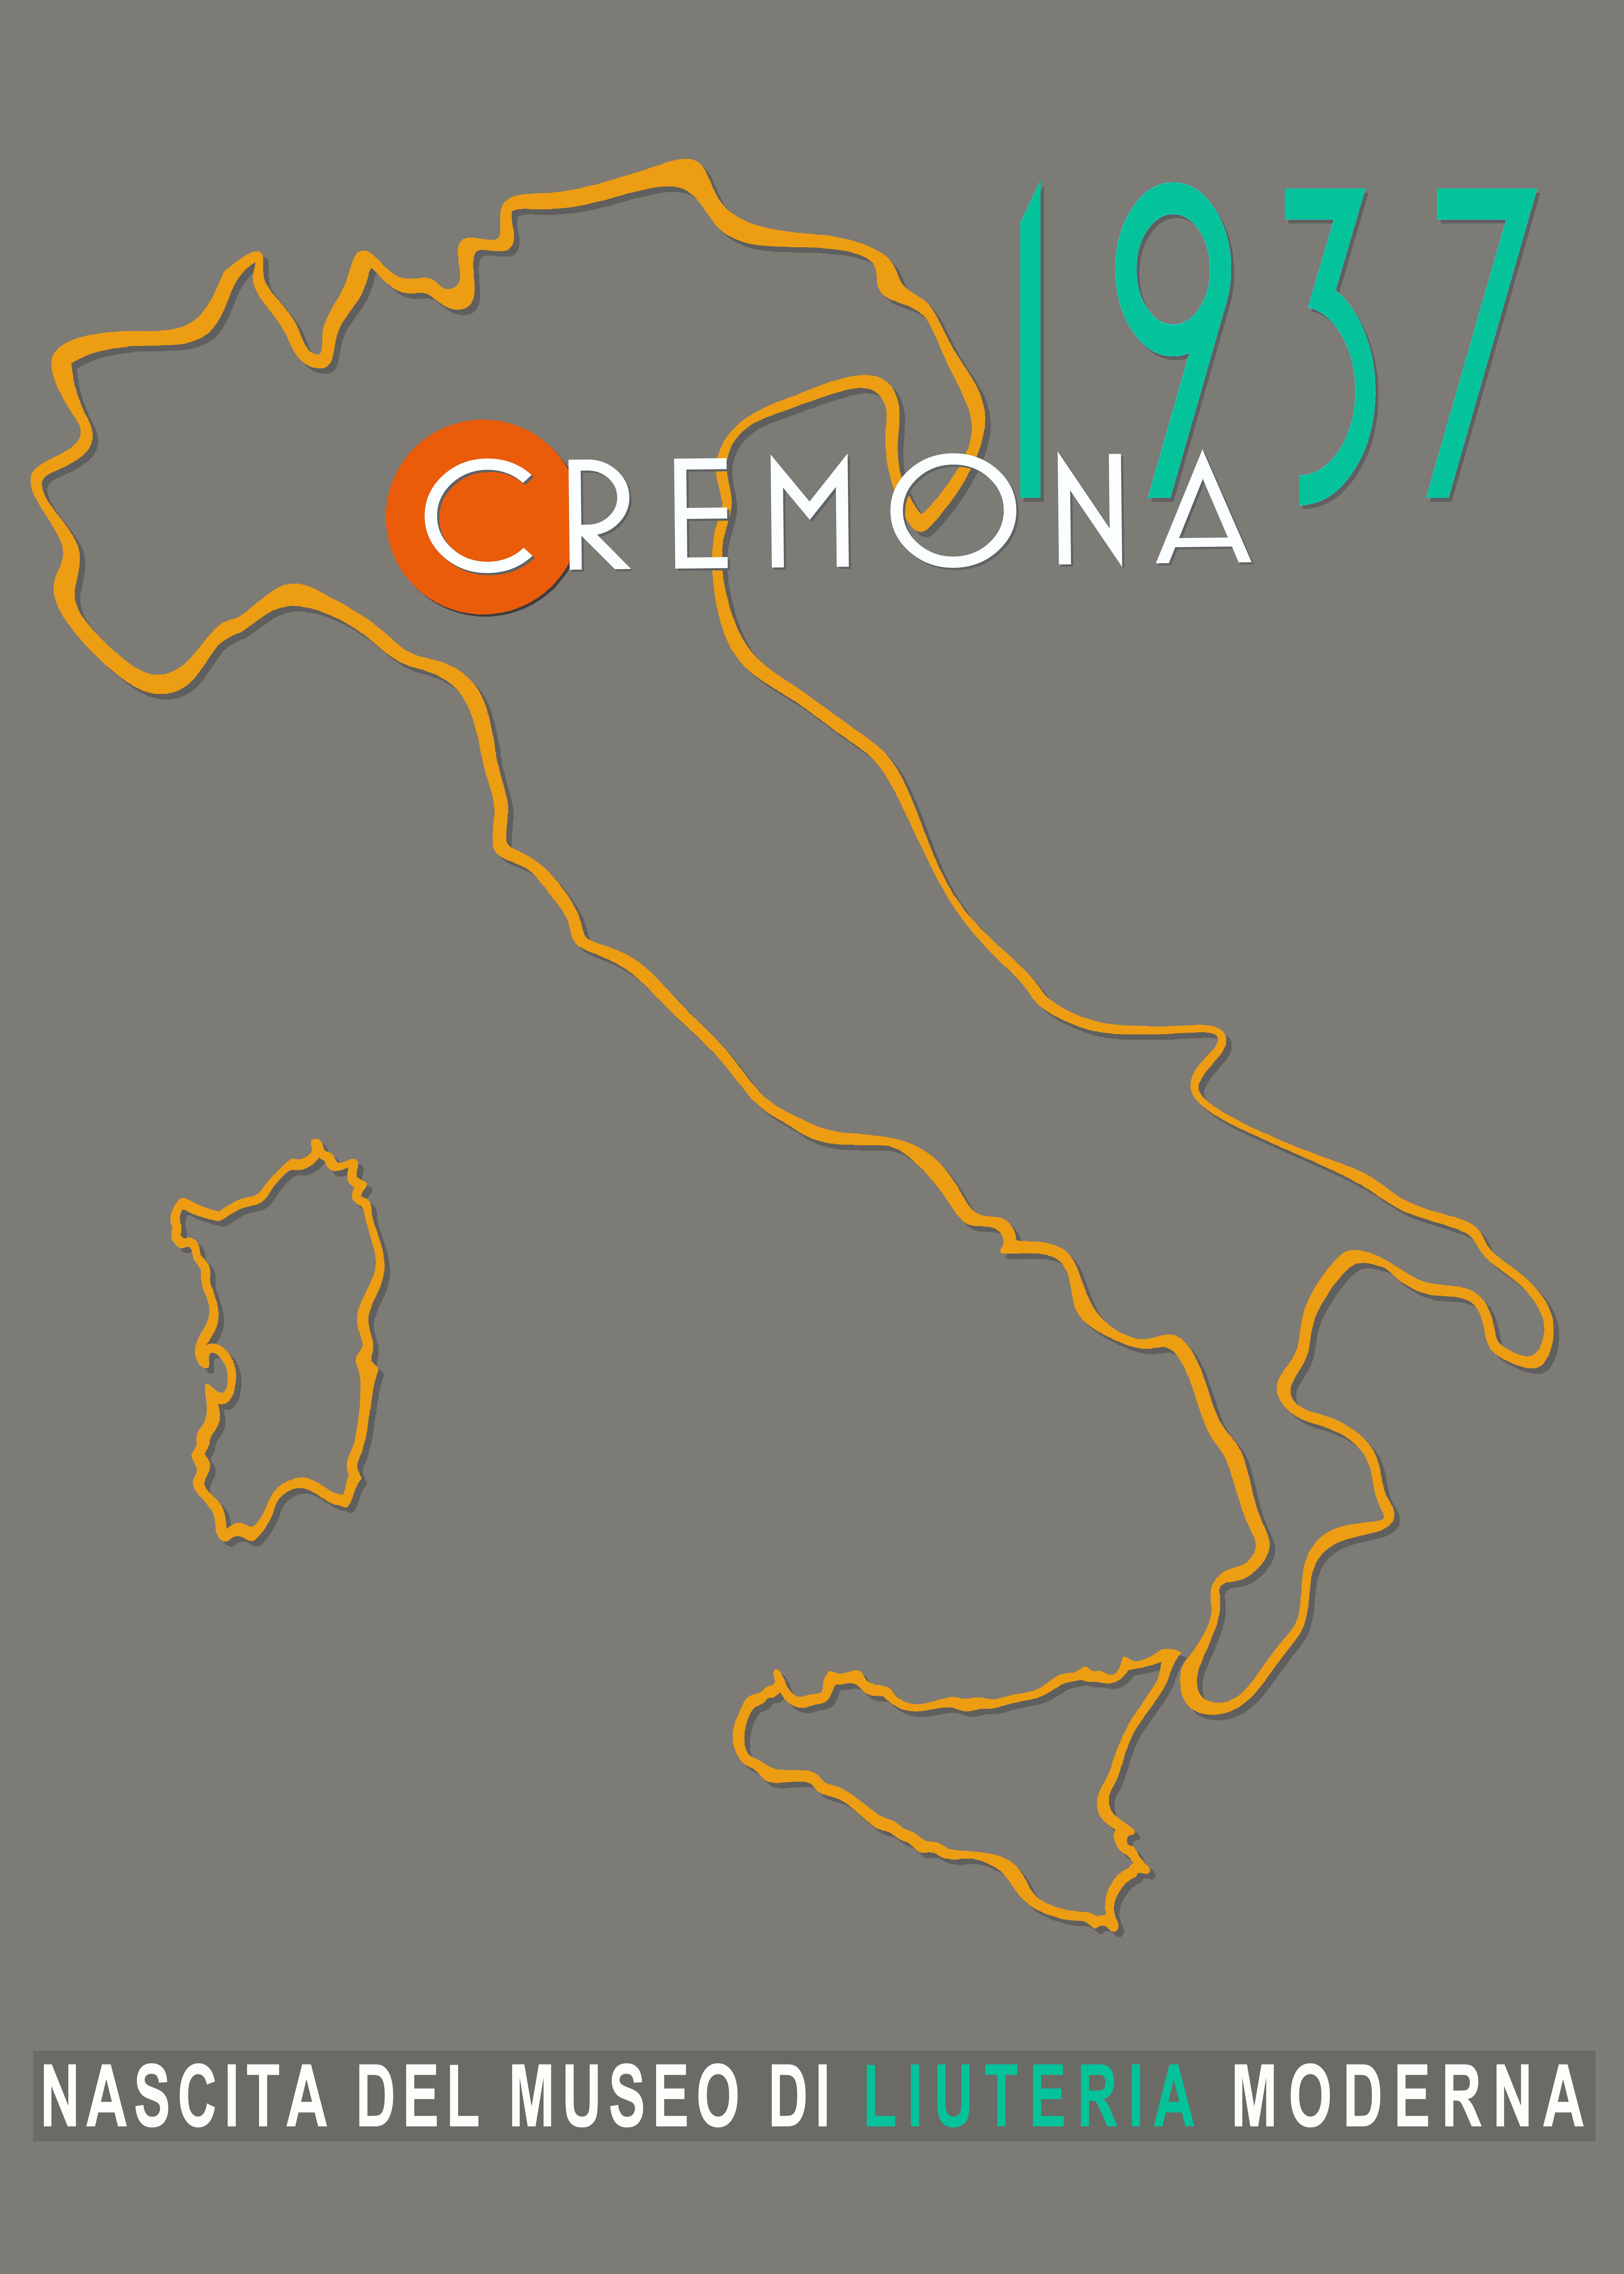 CREMONA-1937-def